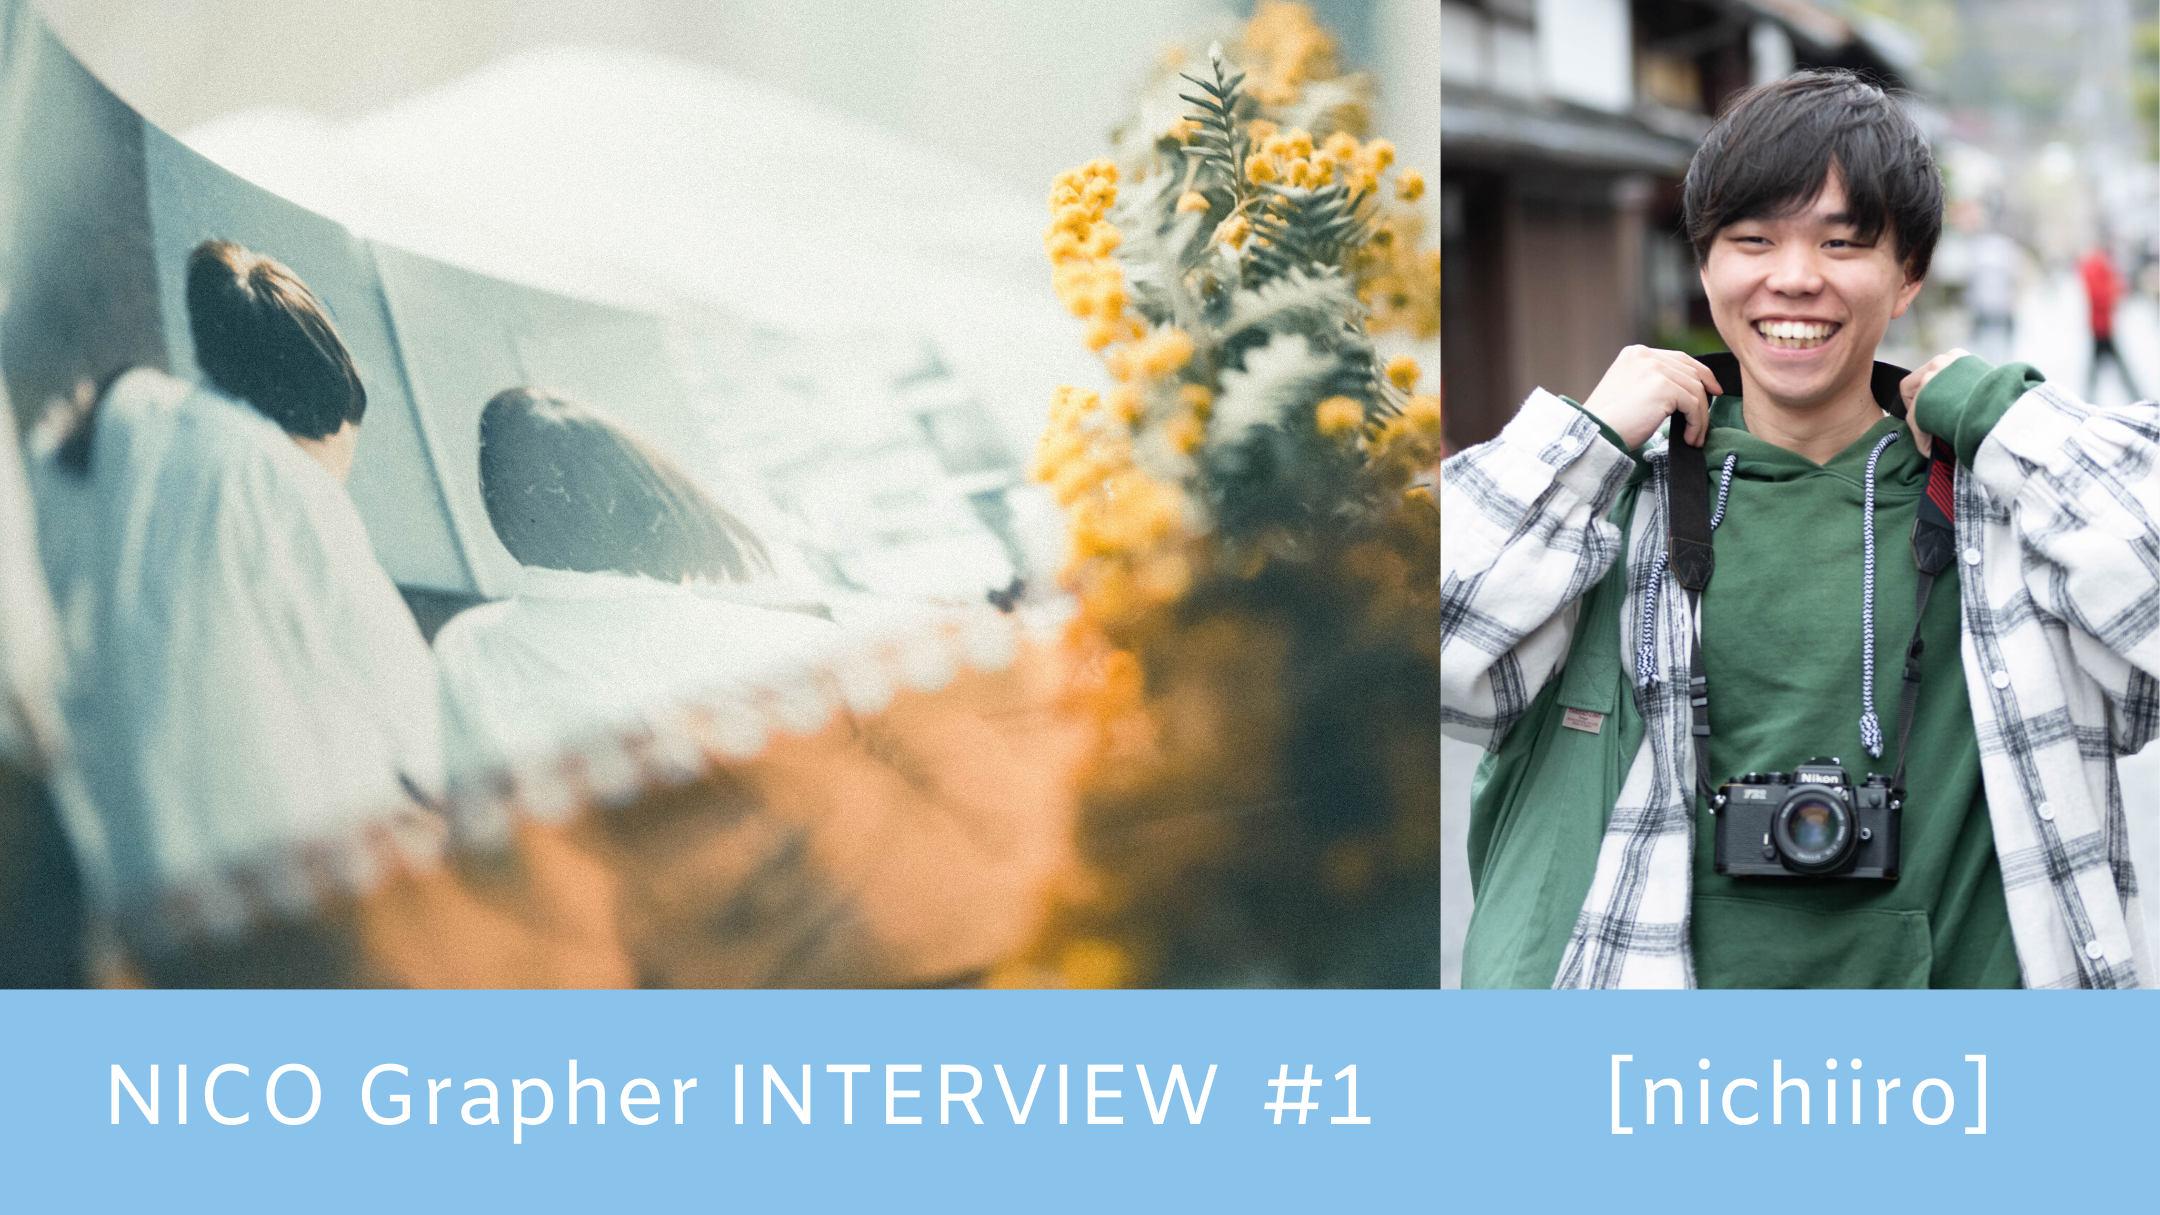 写真で変わった日常、生まれたつながり - 写真家nichiiroさんインタビュー